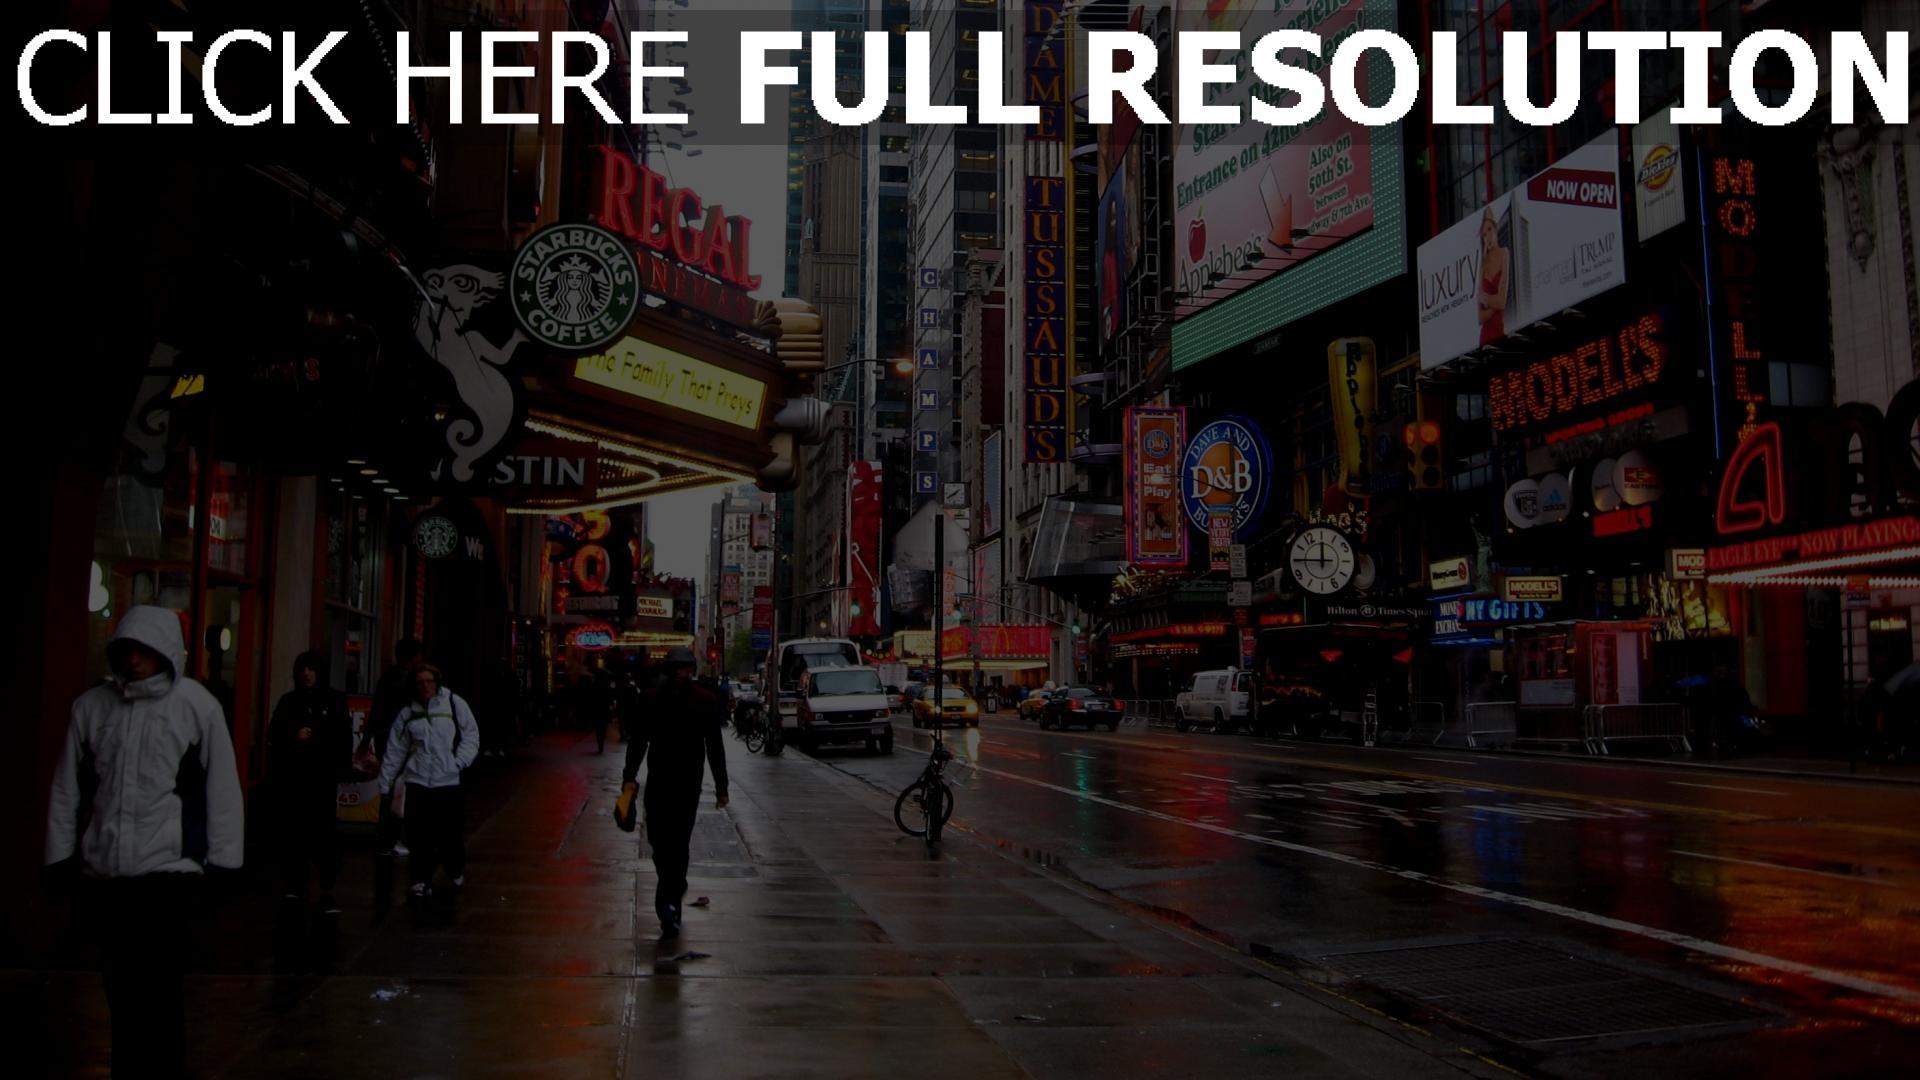 Hd Werbung hd hintergrundbilder bedeckt gebäude werbung york desktop